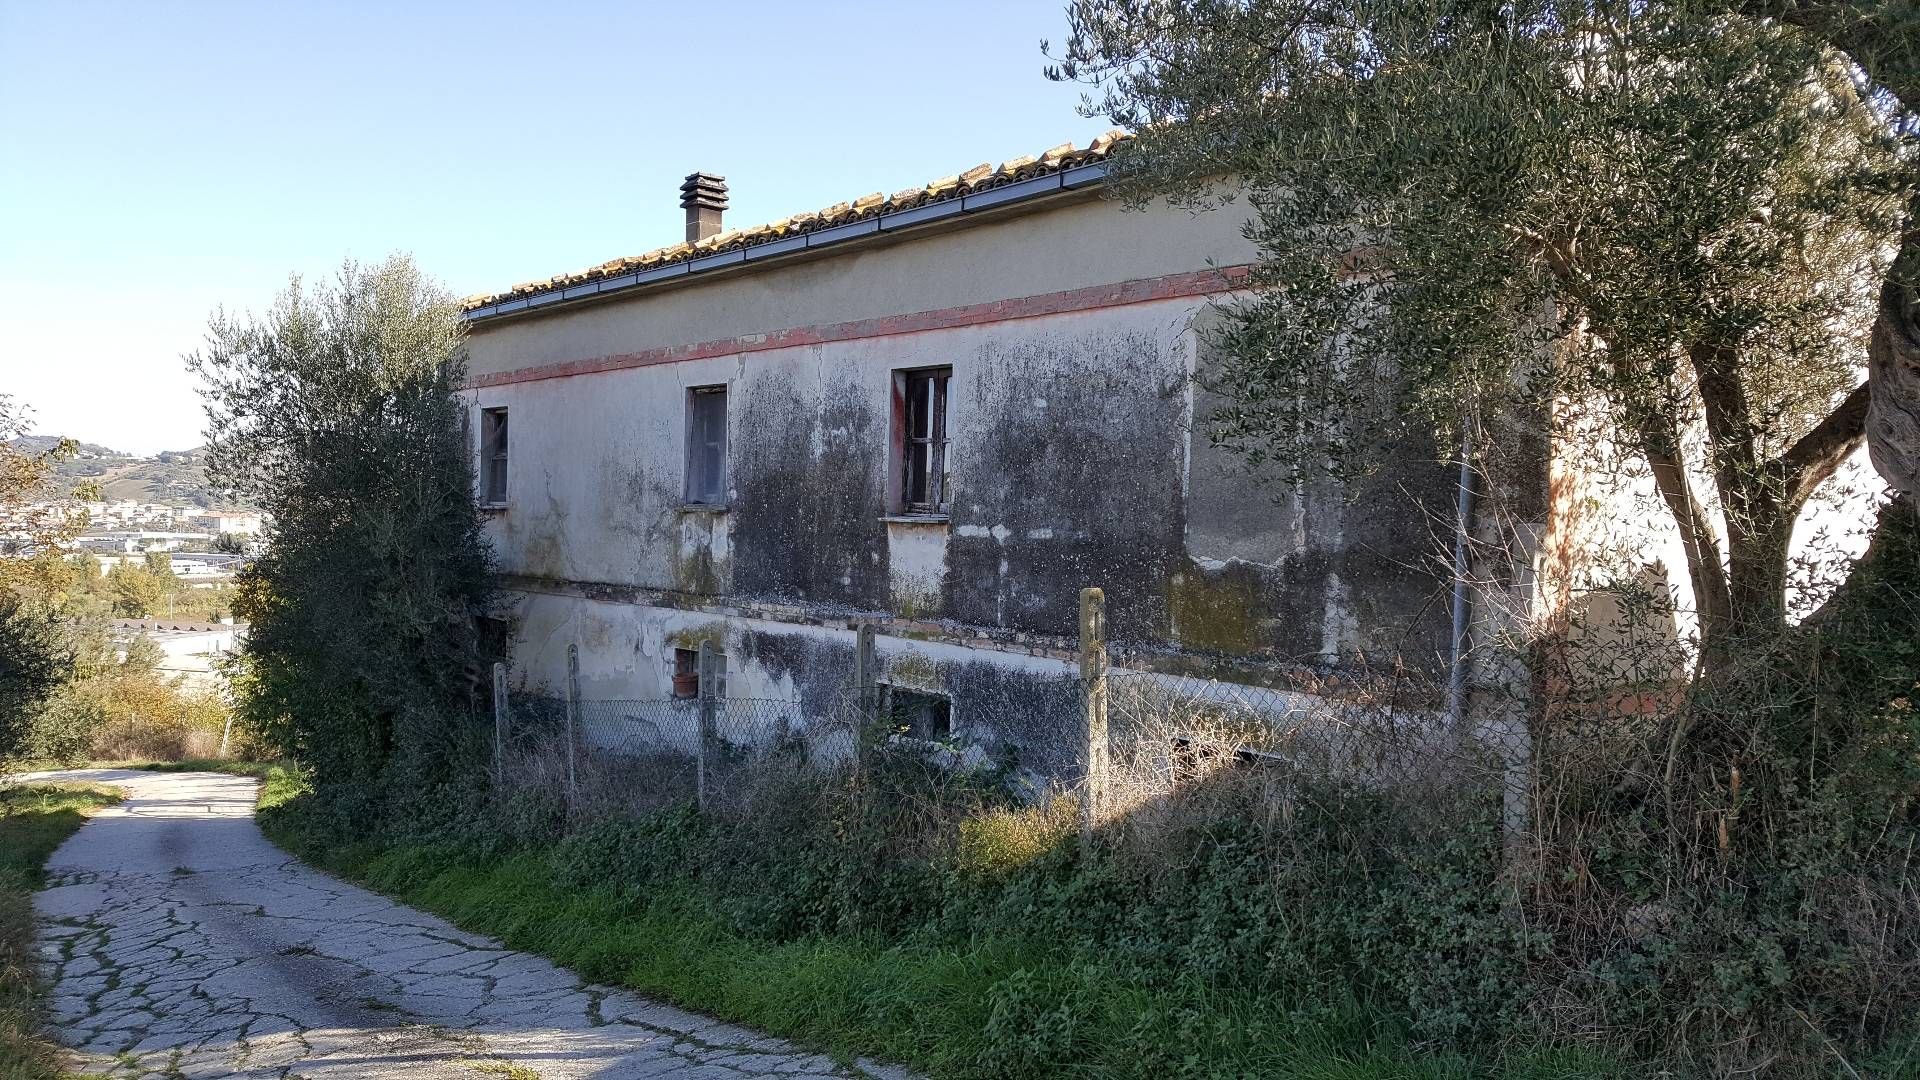 Rustico / Casale in vendita a Castellalto, 6 locali, prezzo € 140.000   Cambio Casa.it